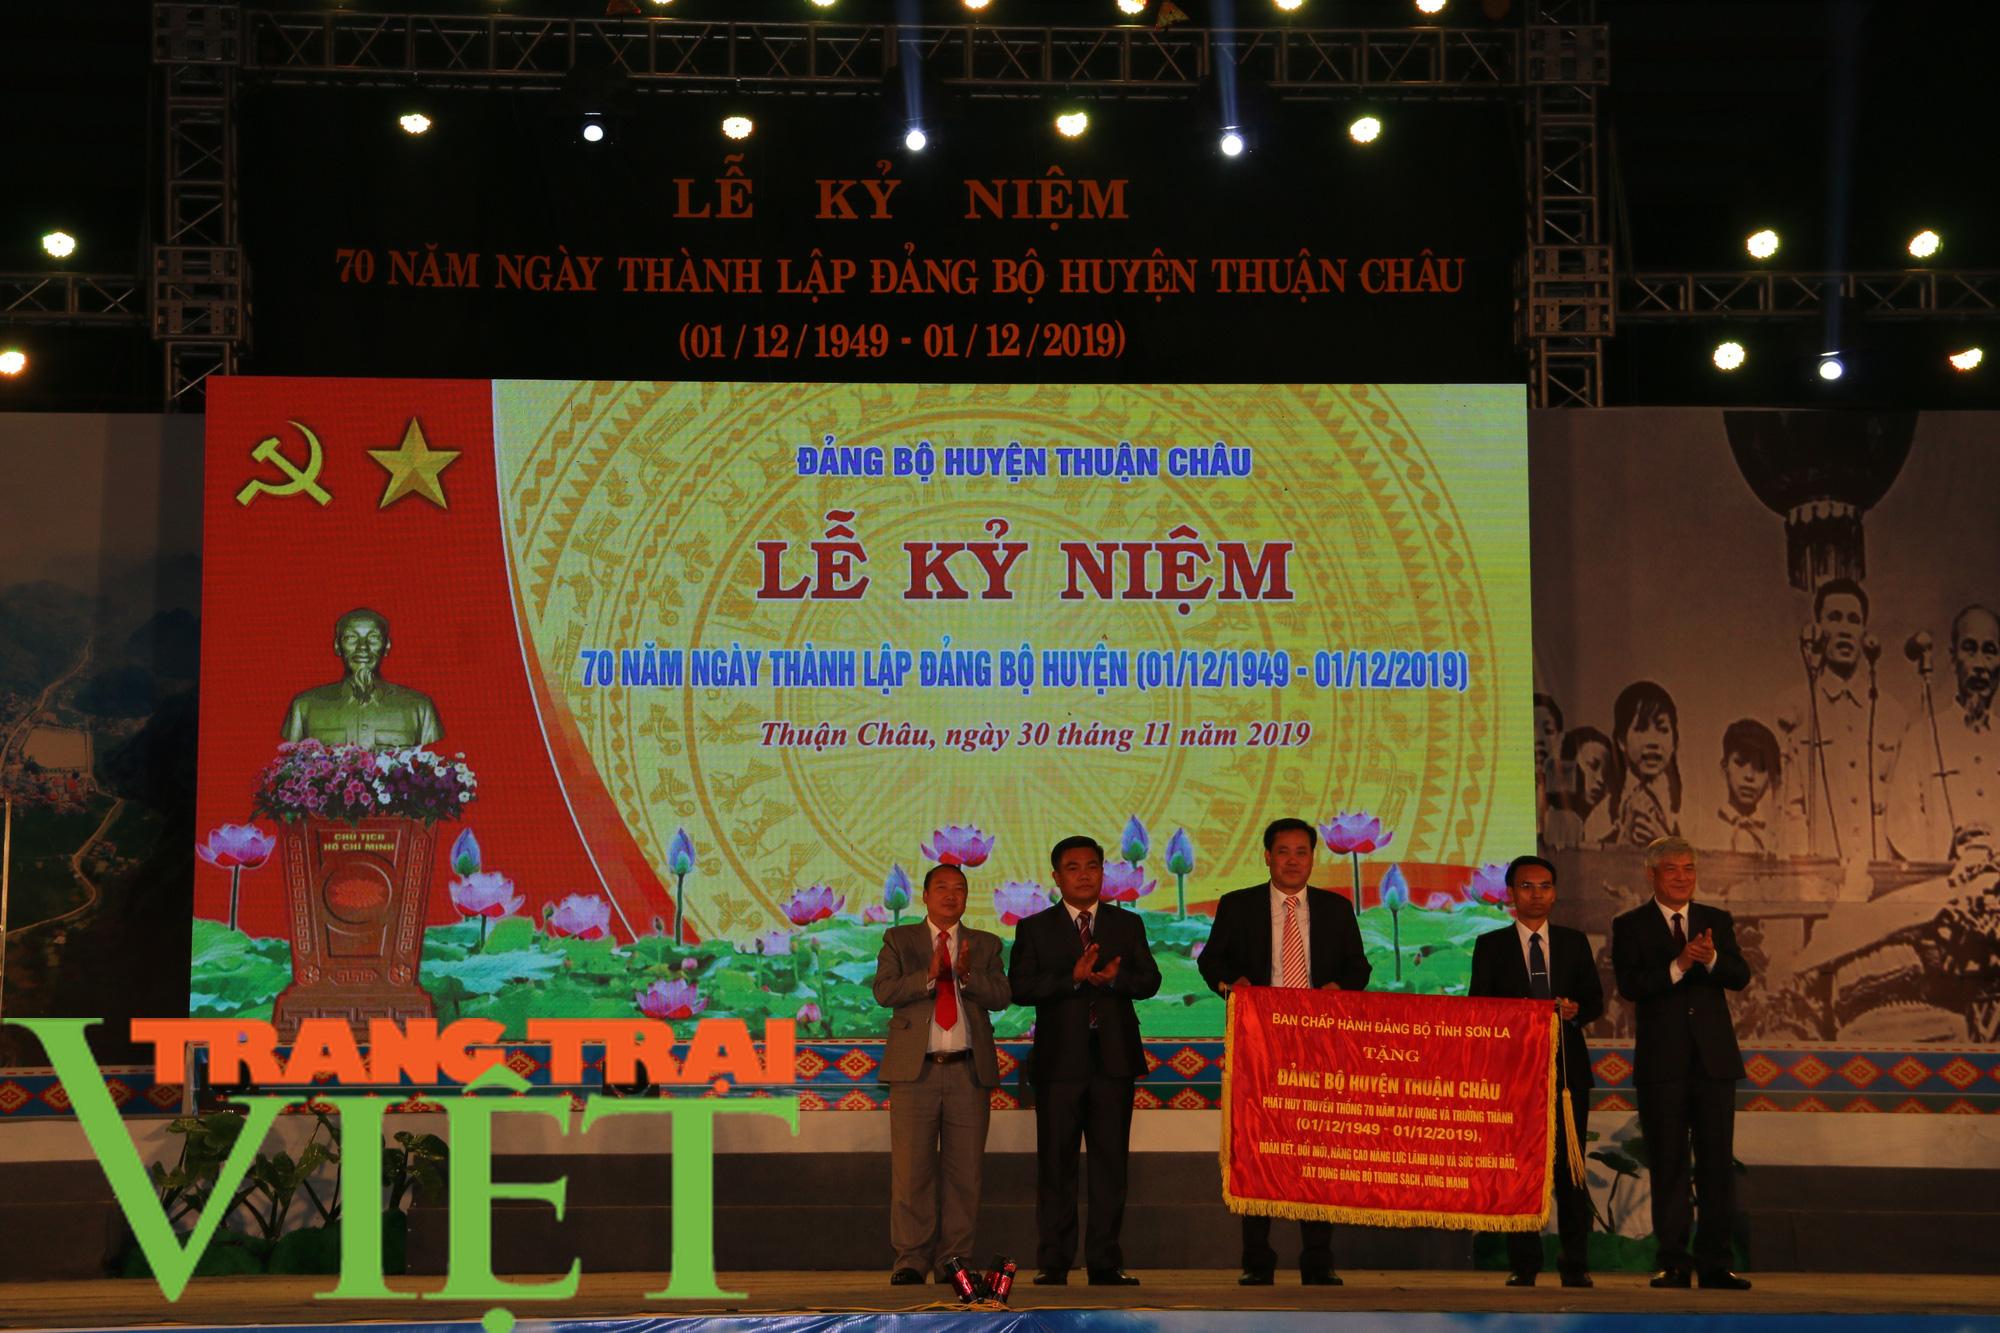 Sơn La: Kỷ niệm 70 năm thành lập Đảng bộ huyện Thuận Châu - Ảnh 3.